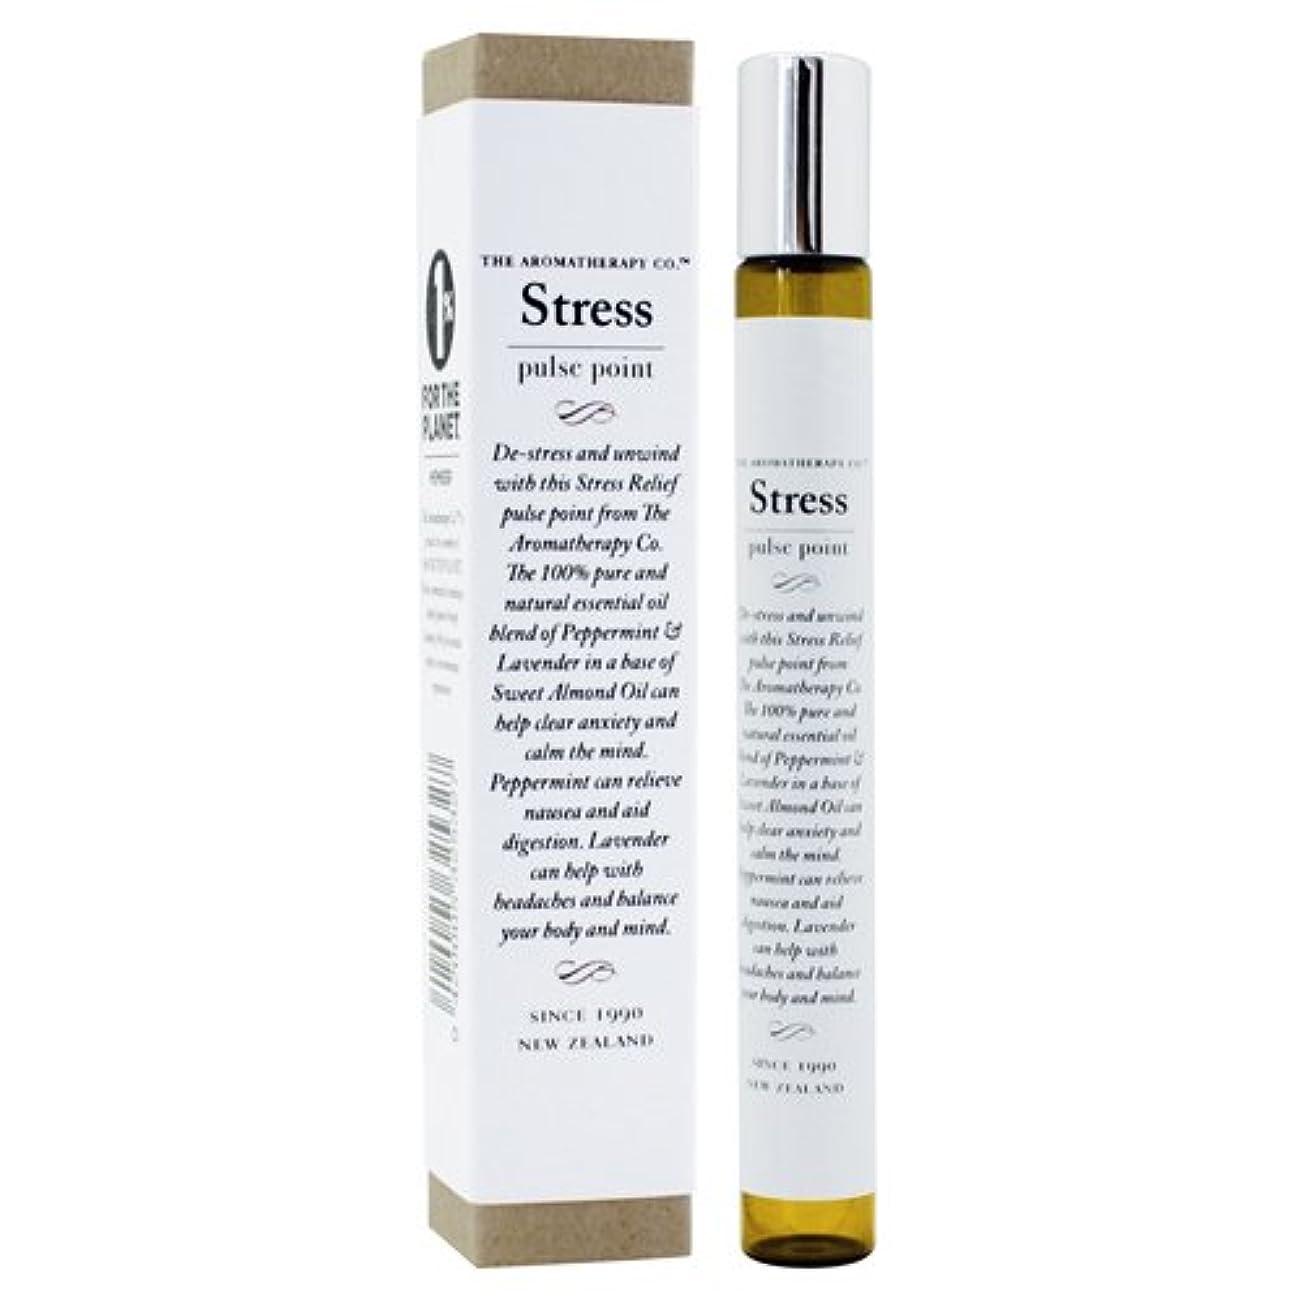 混合した豊富気まぐれなTherapy Range セラピーレンジ Pulse Pointパルスポイント Stressストレス